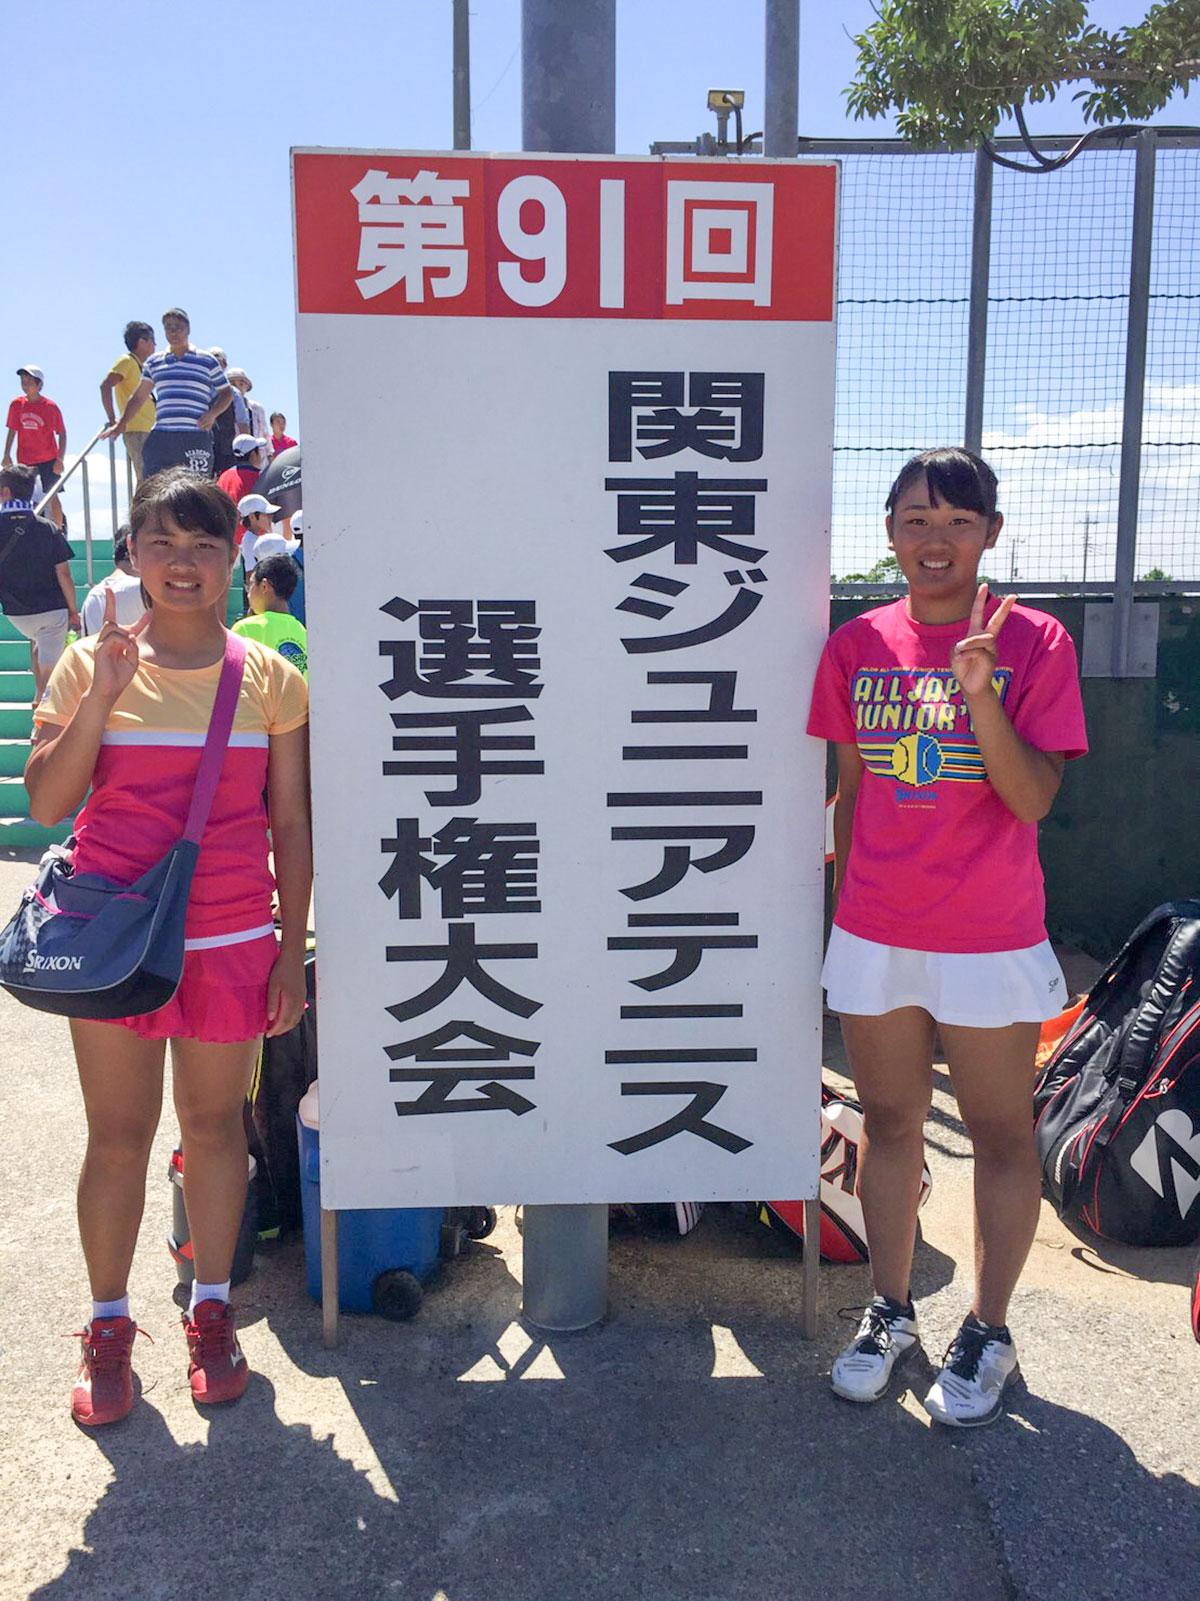 ジュニア テニス 関東